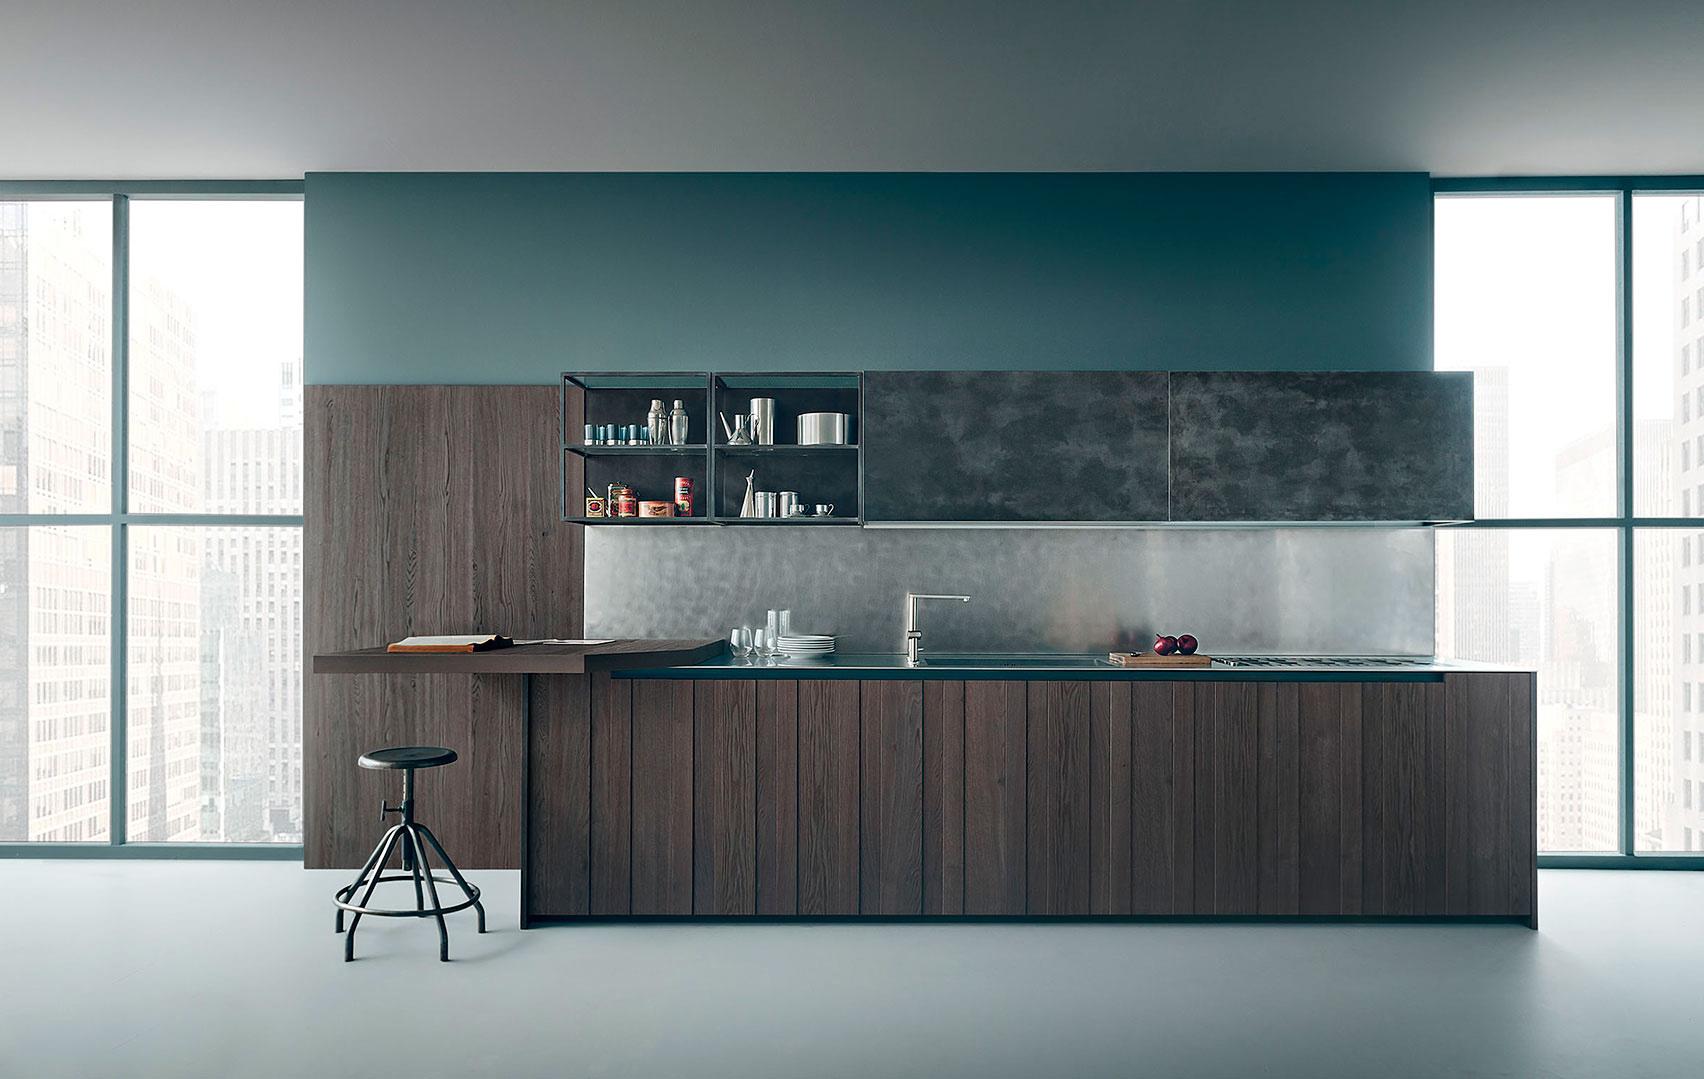 Renovar Cocina Sin Obras Gti Arquitectos ~ Cambiar Azulejos Cocina Sin Obra